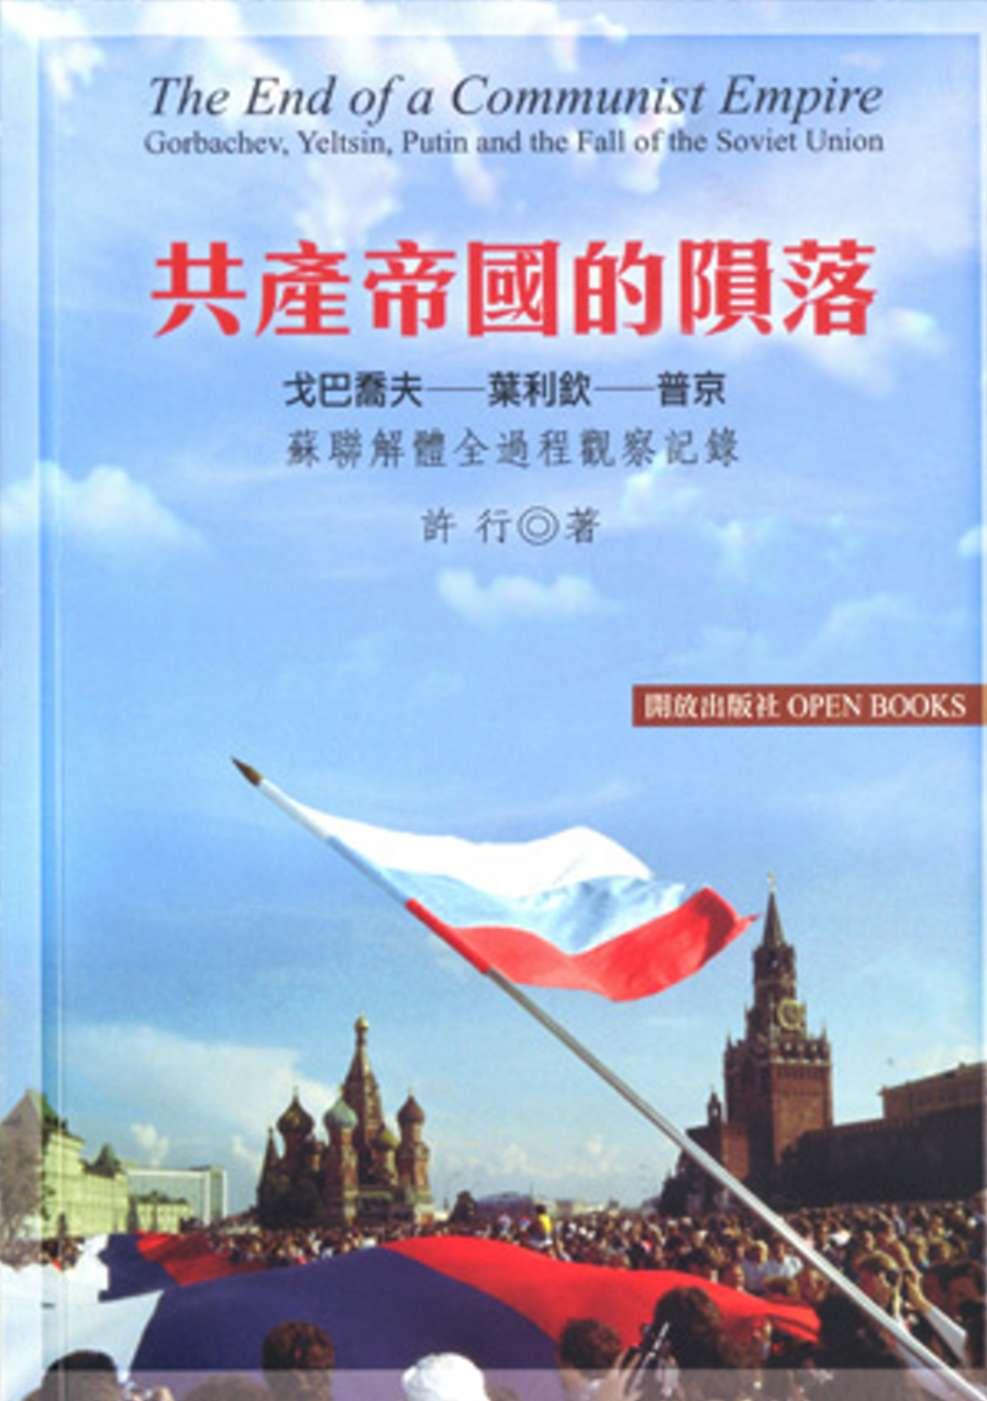 共產帝國的隕落:蘇聯解體全過程觀察記錄